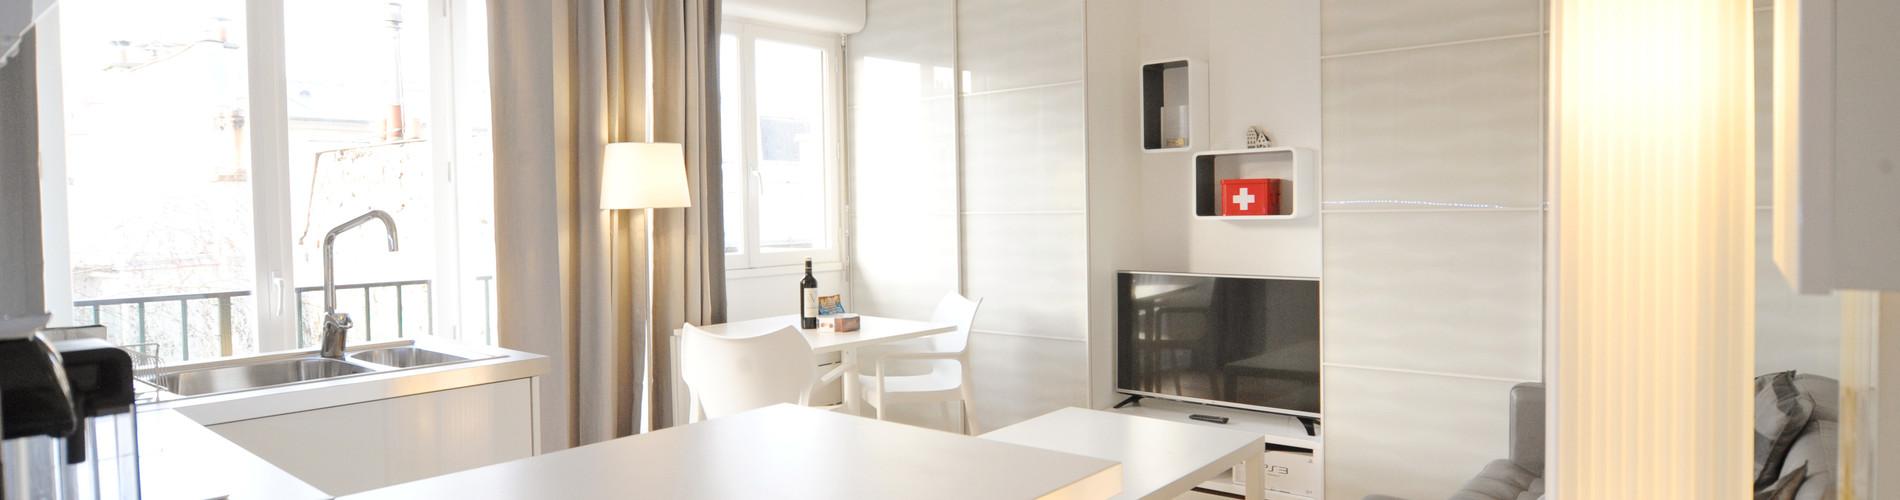 Vacation Rental Batignolles Studio